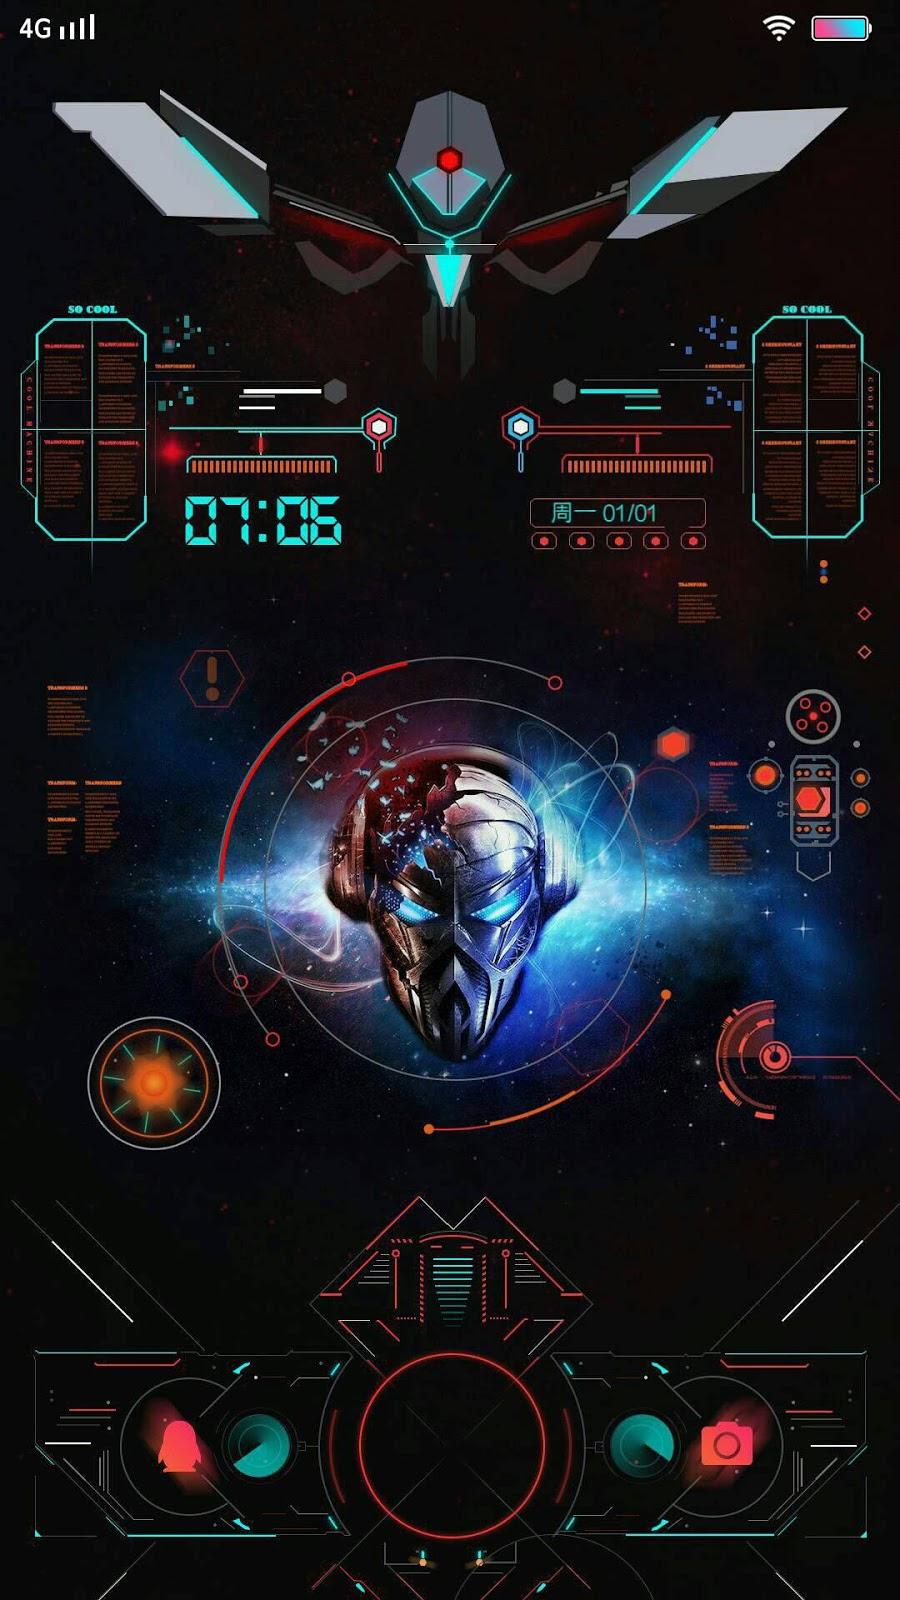 Download Tema Pubg Vivo Y81